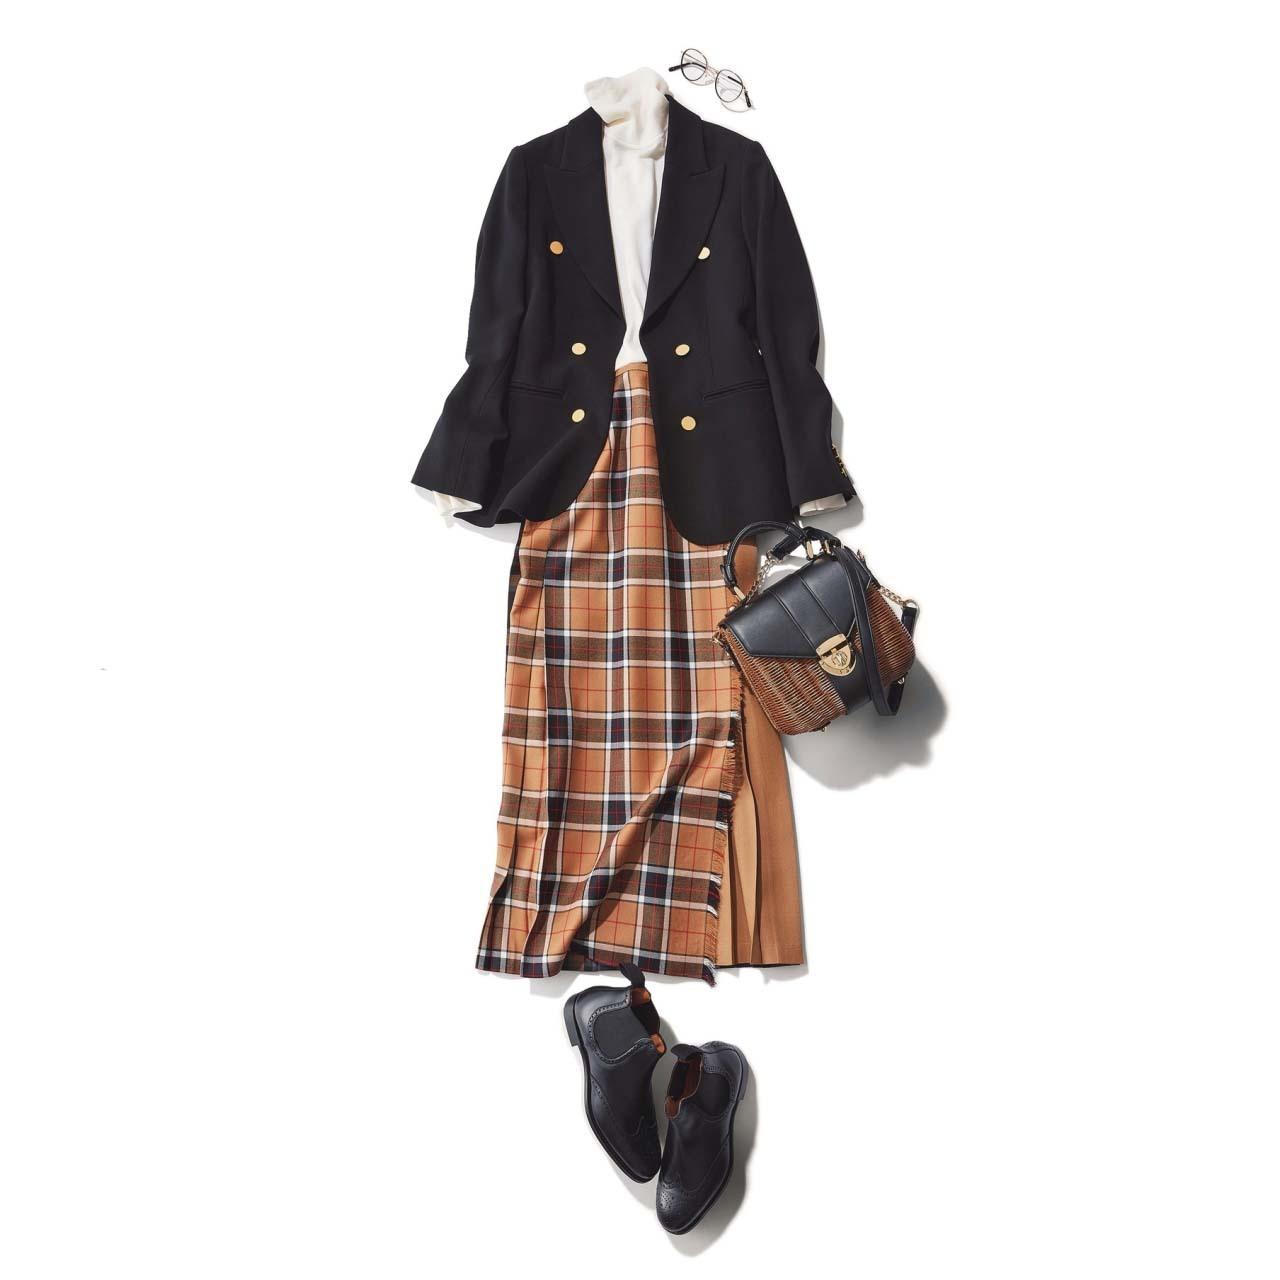 ジャケット×ロングタイトスカートの着痩せコーデ